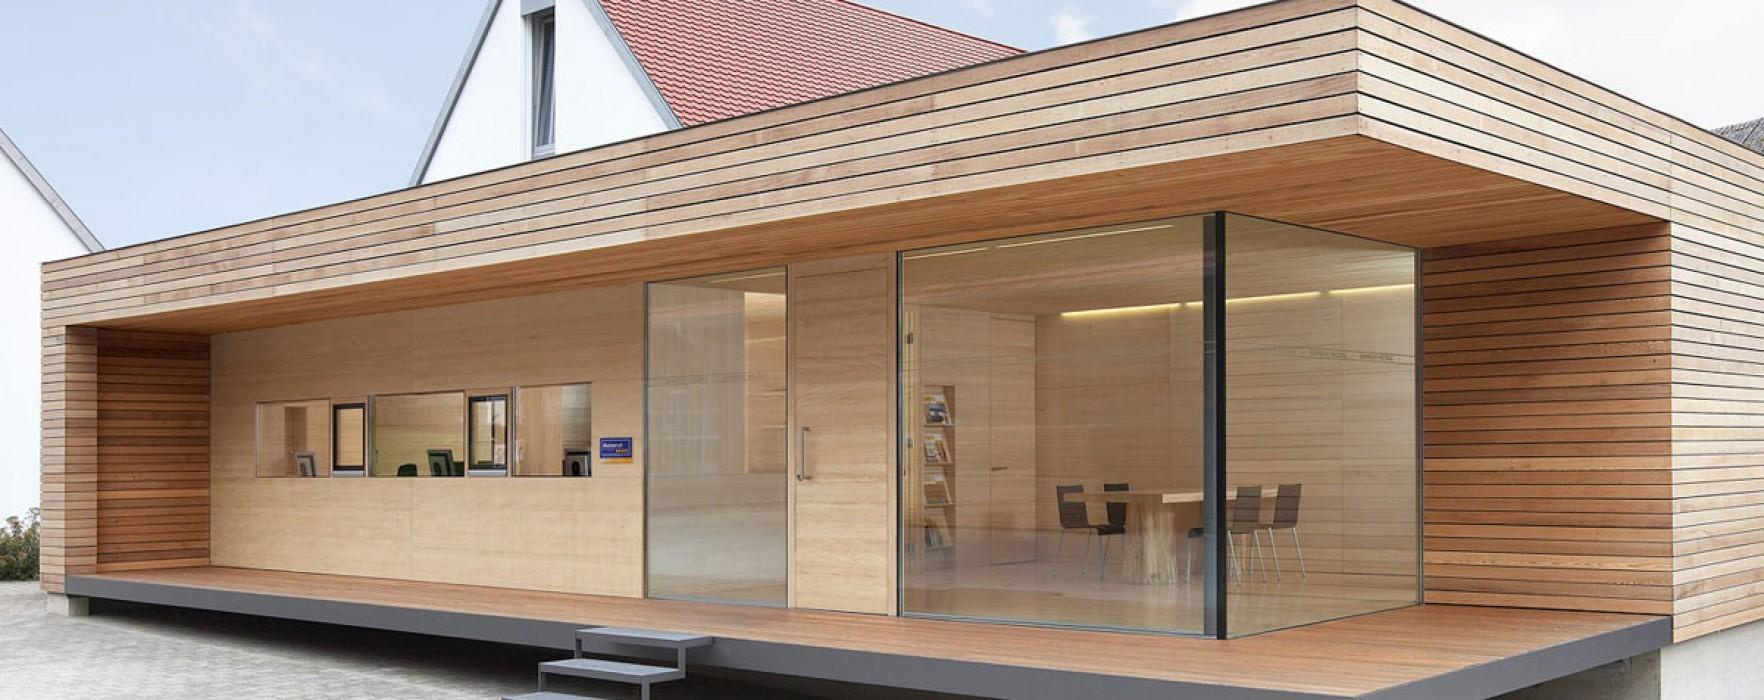 Una casa prefabbricata in svizzera for Case prefabbricate in legno